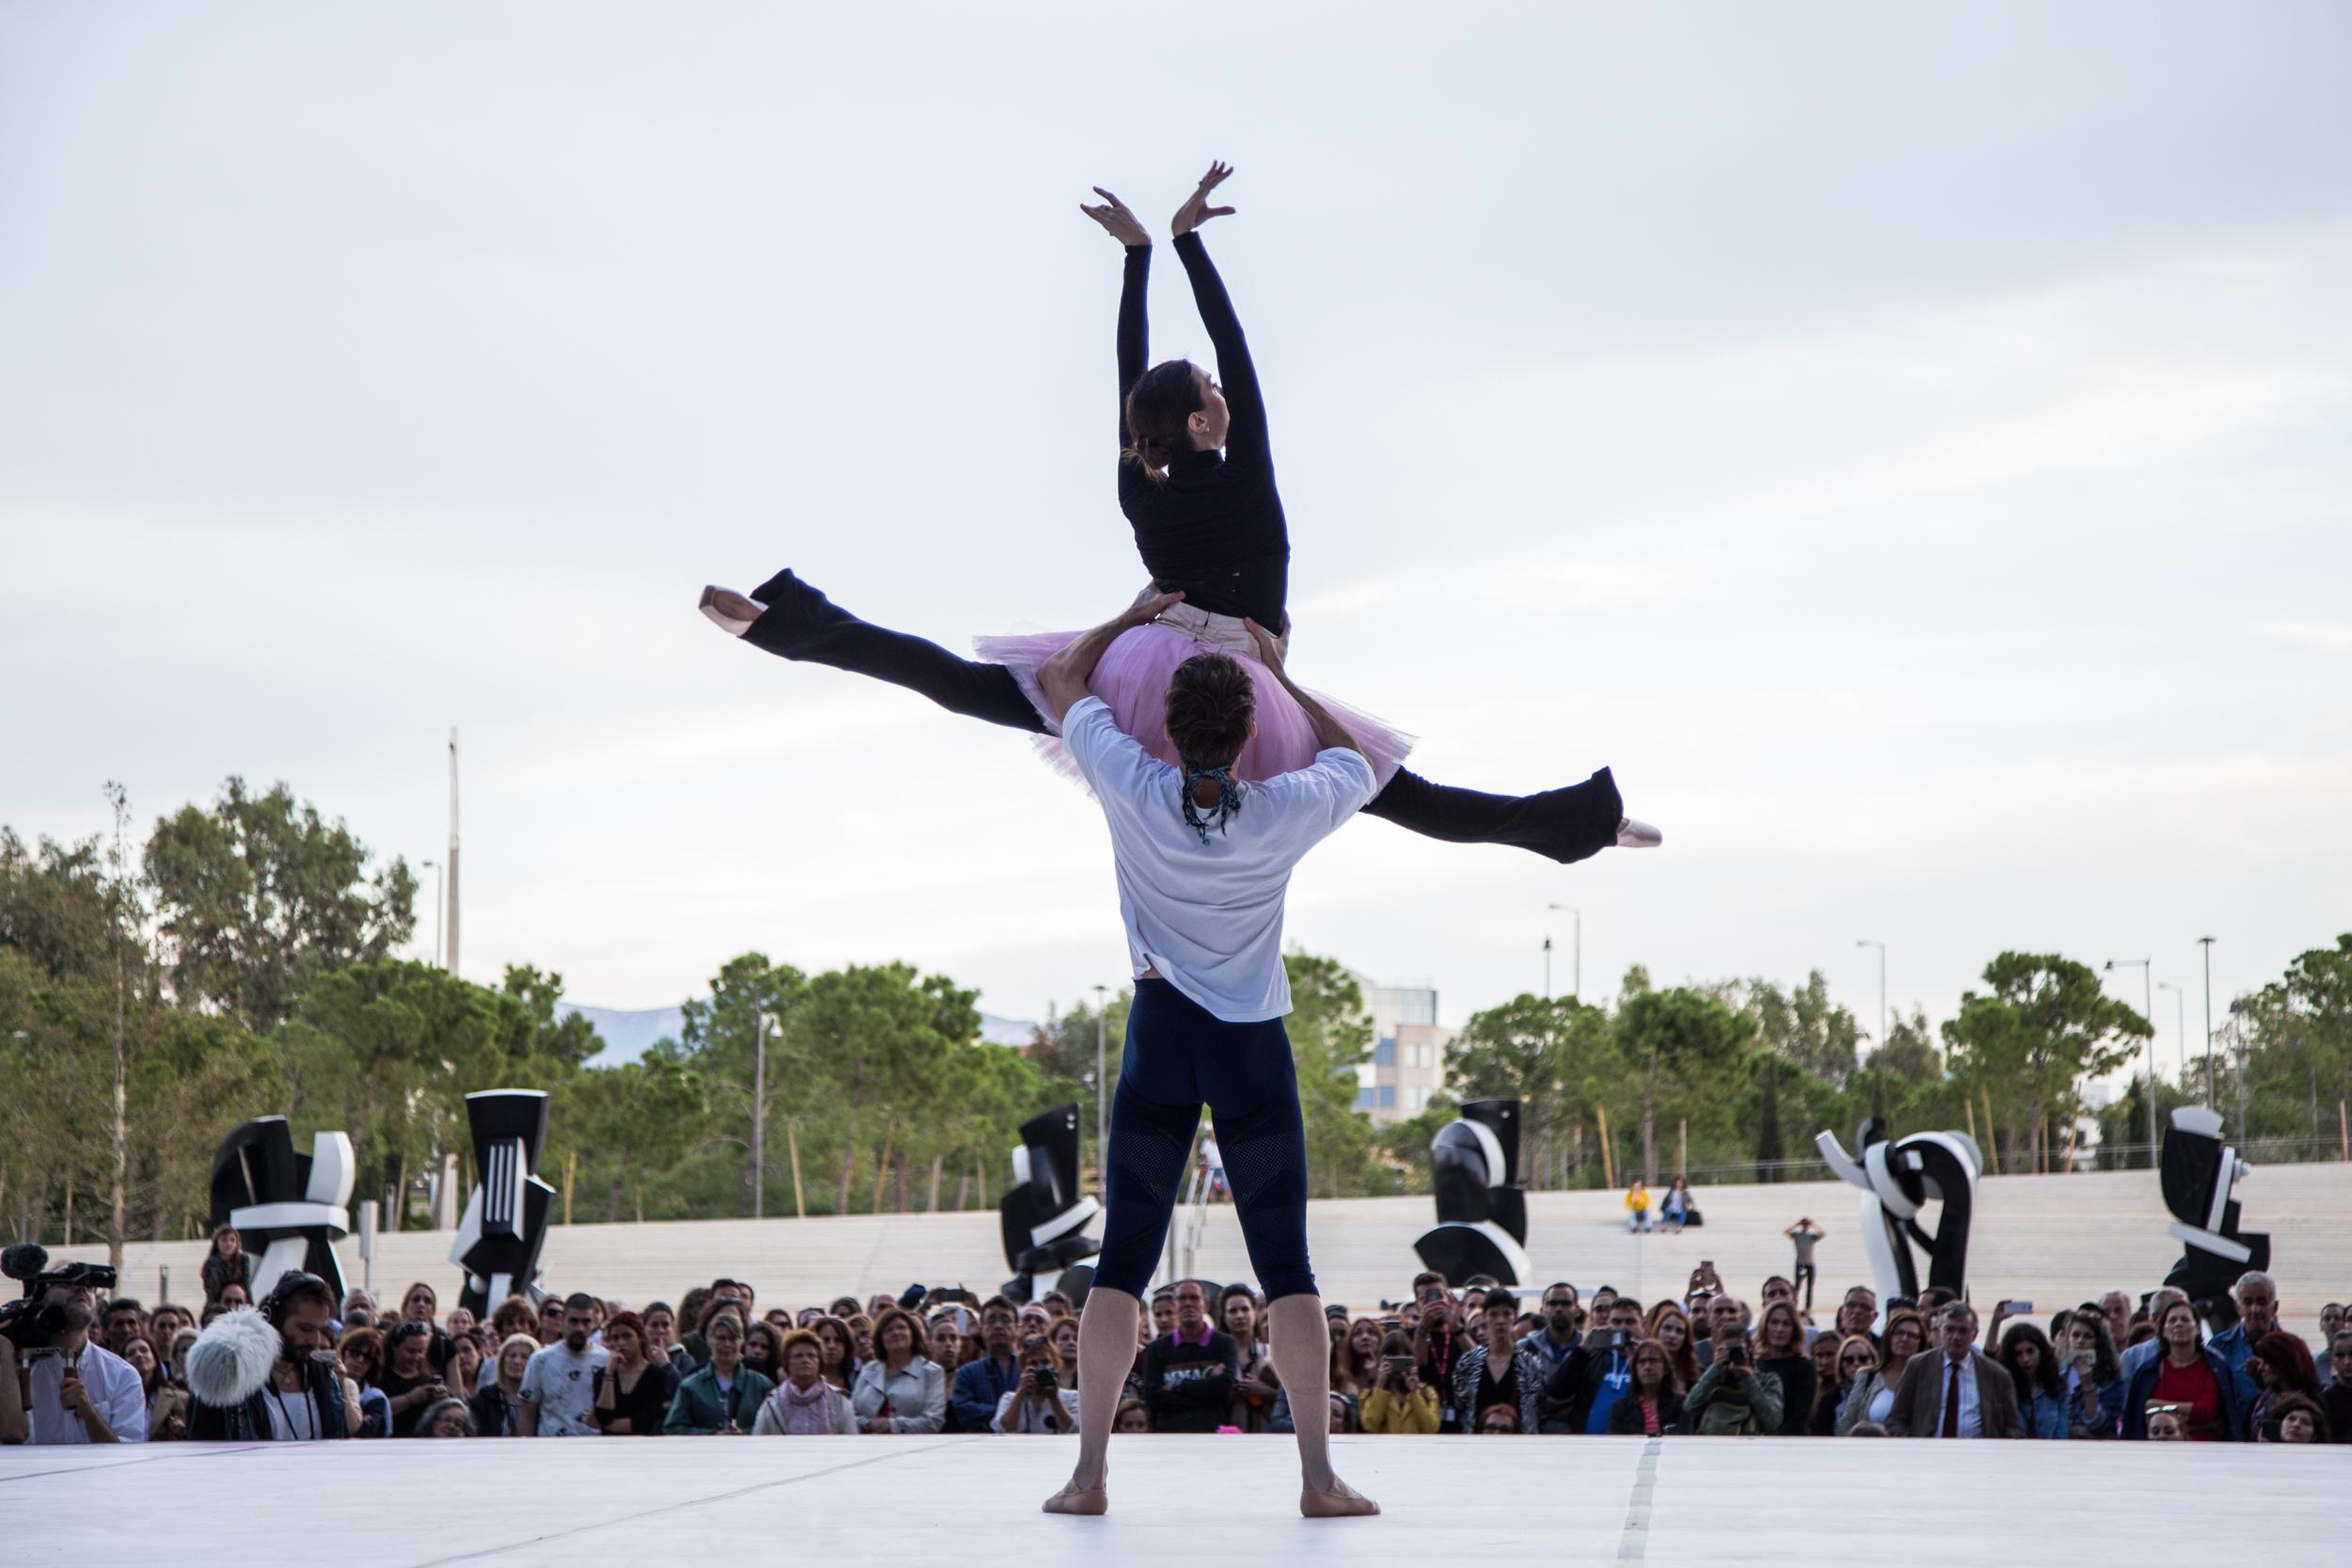 Επιδείξεις χορού στο ΚΠΙΣΝ